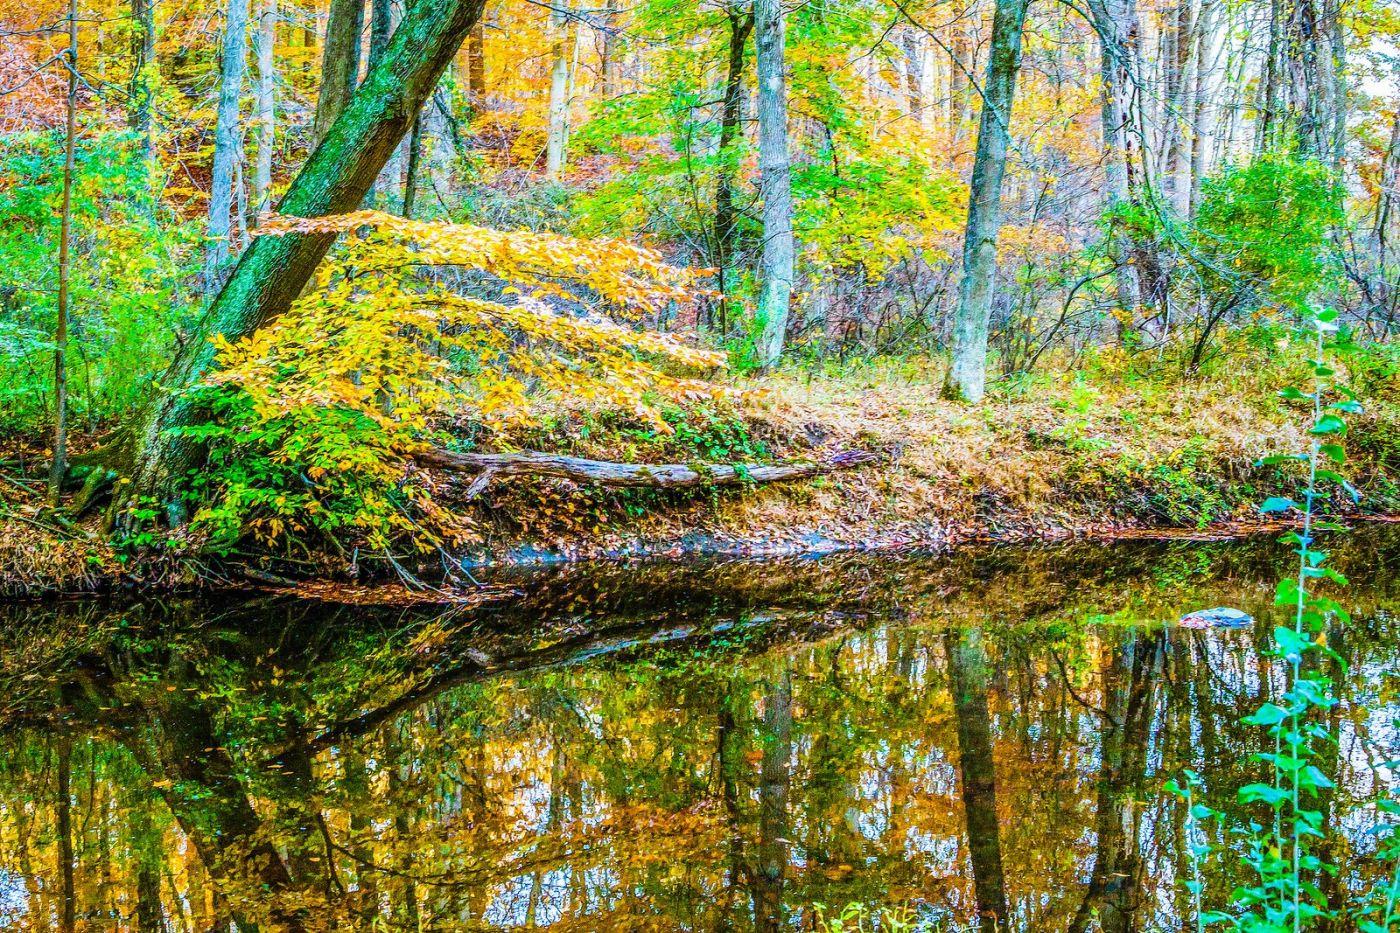 宾州雷德利克里克公园(Ridley creek park),大自然的舞台_图1-14